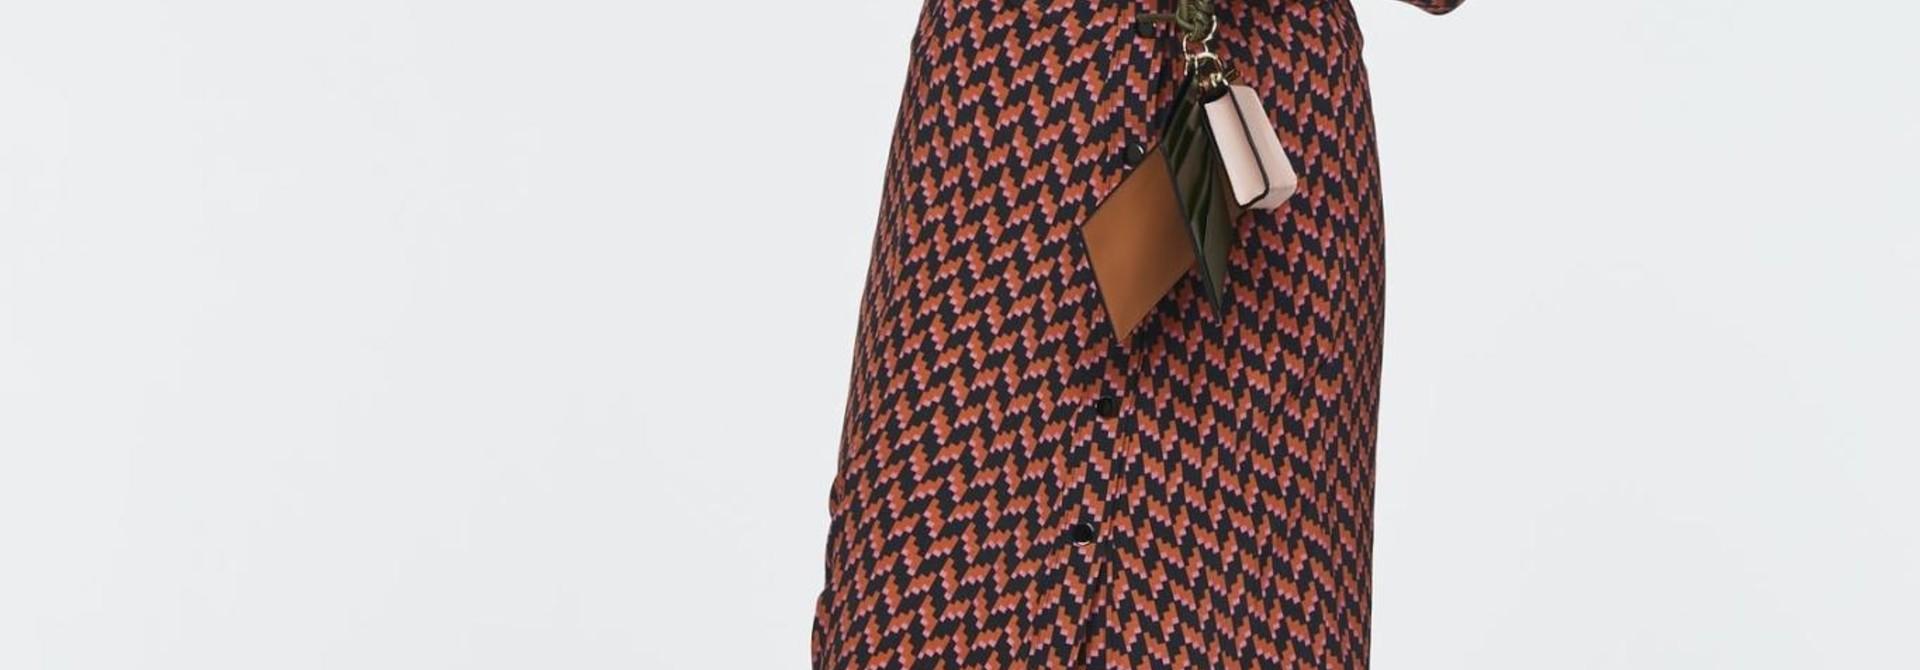 Graphic power dress Dorothee Schumacher